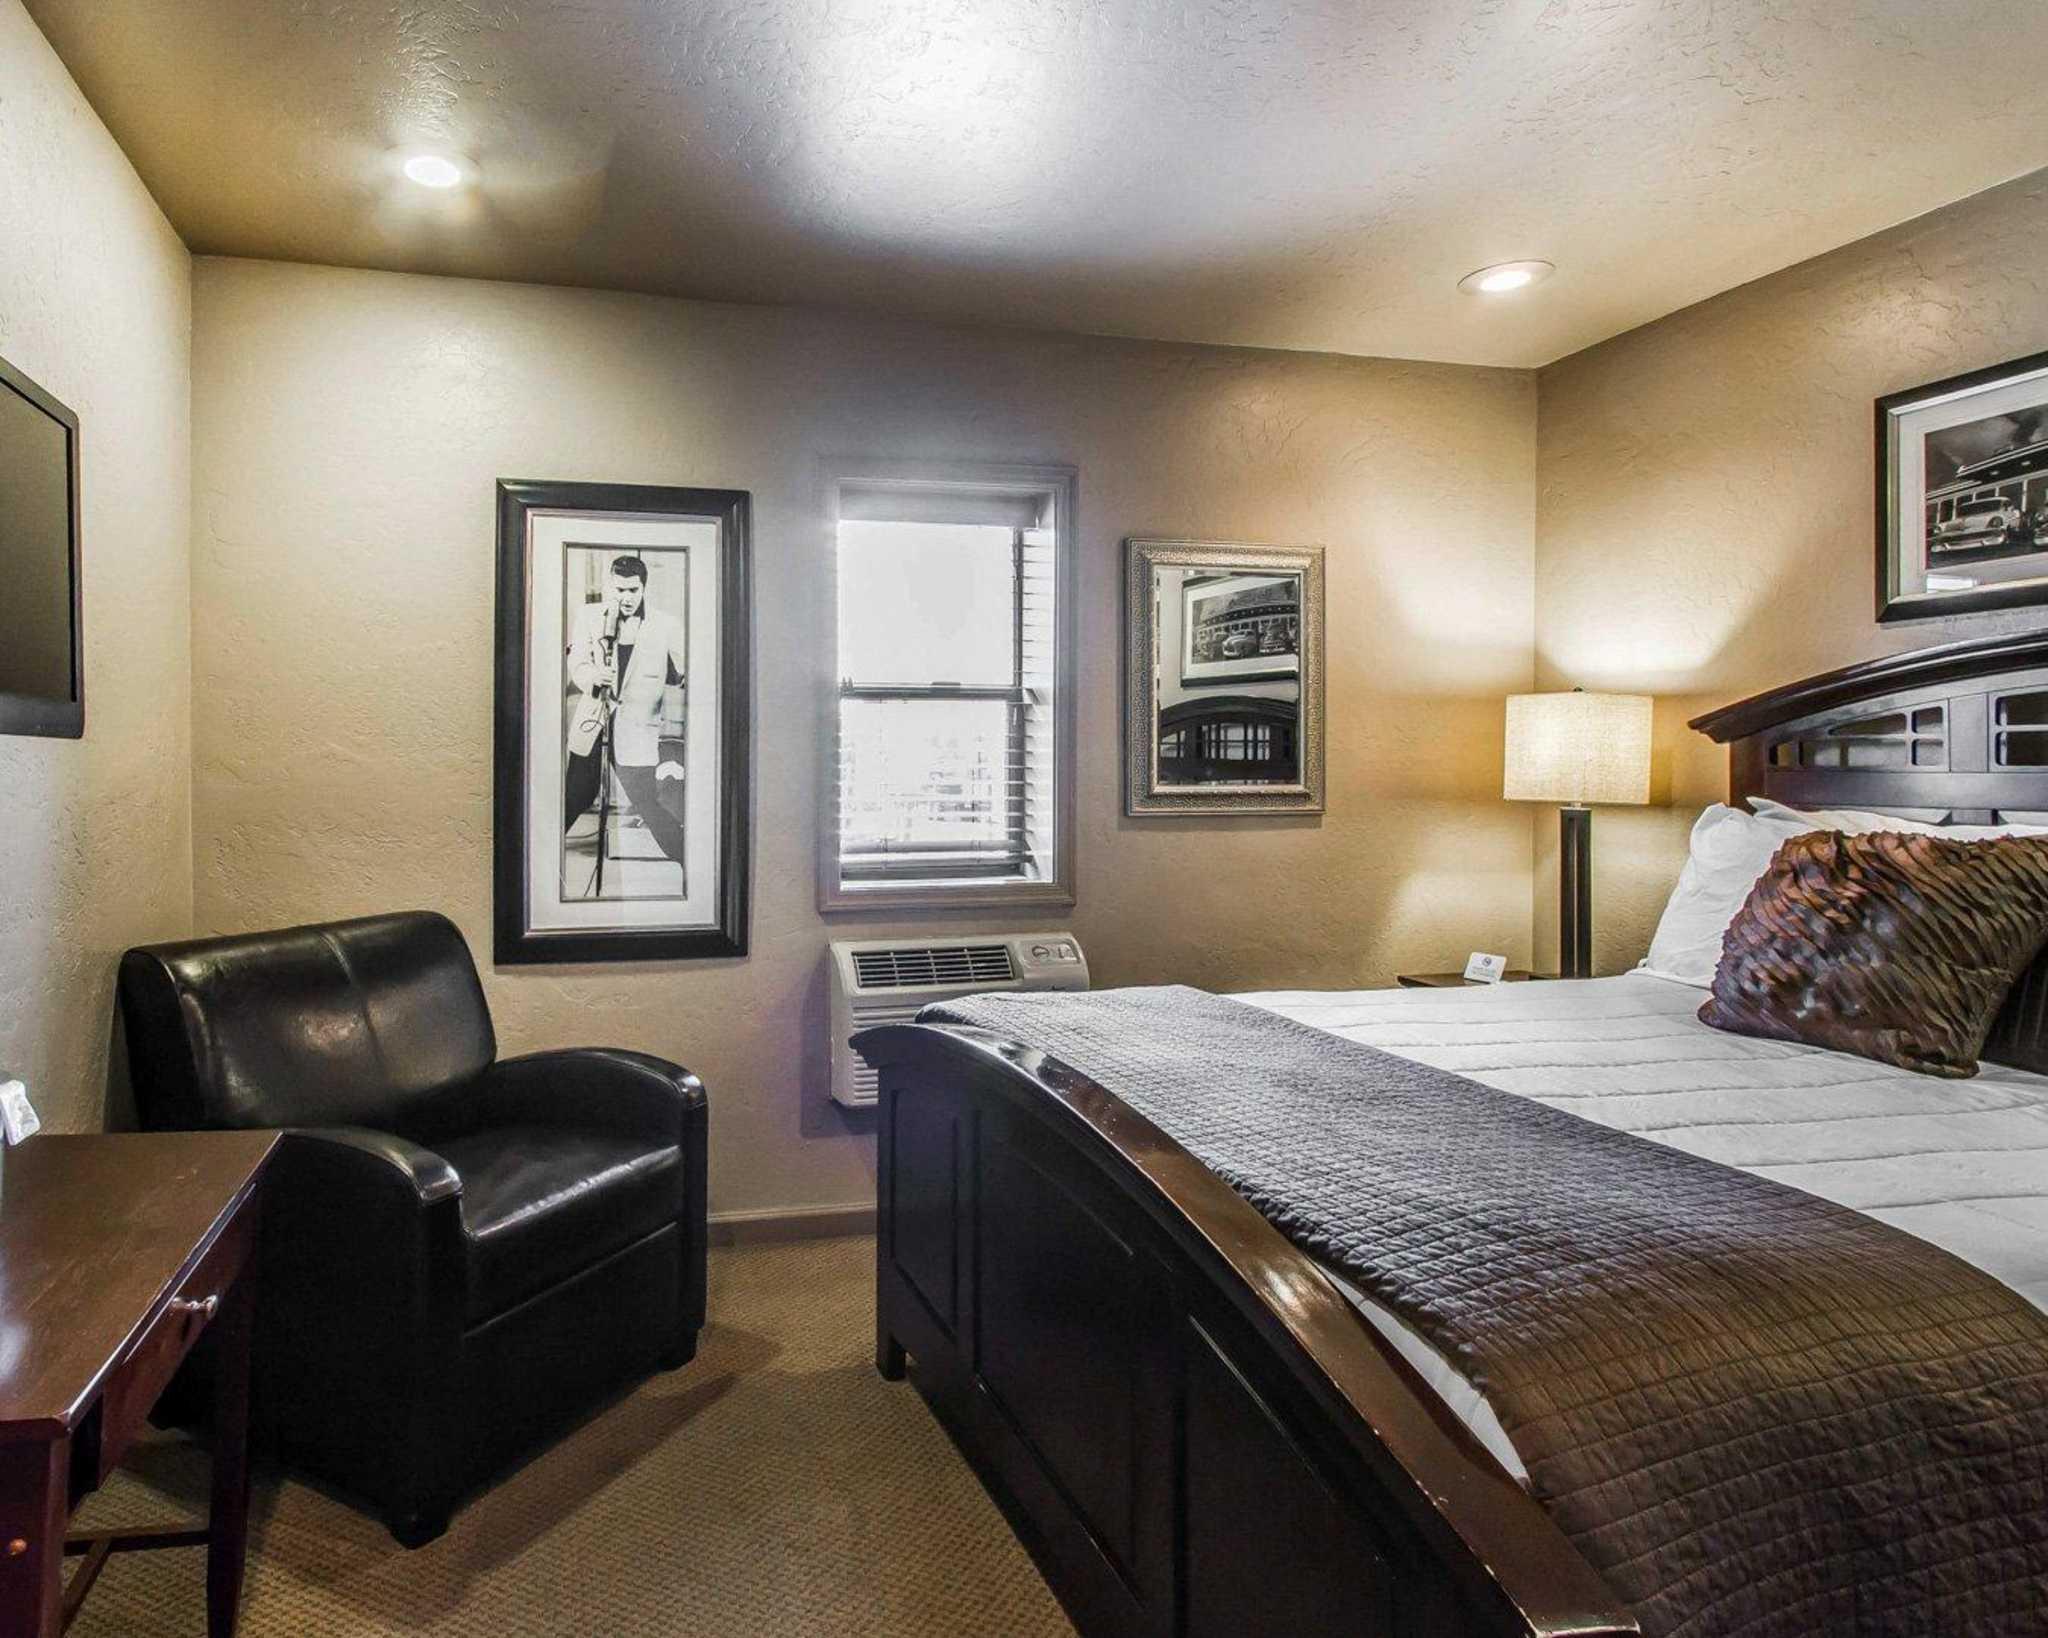 Rodeway Inn & Suites Downtowner-Rte 66 image 5